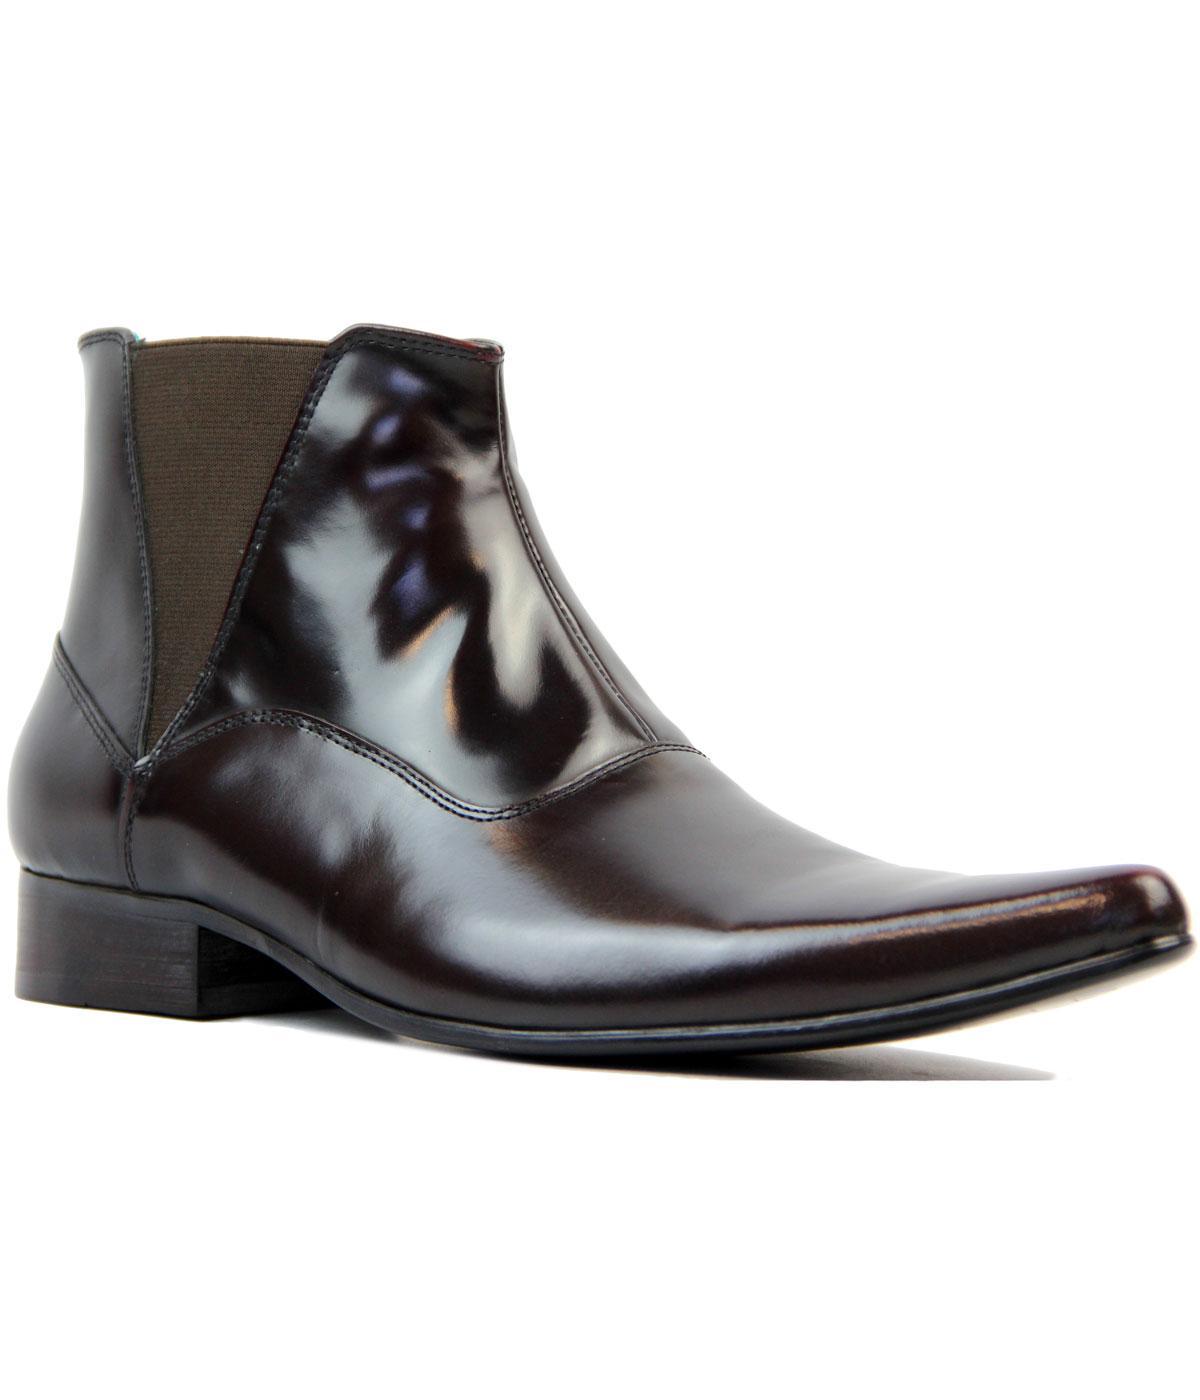 Veer 20 PAOLO VANDINI Winklepicker Chelsea Boots